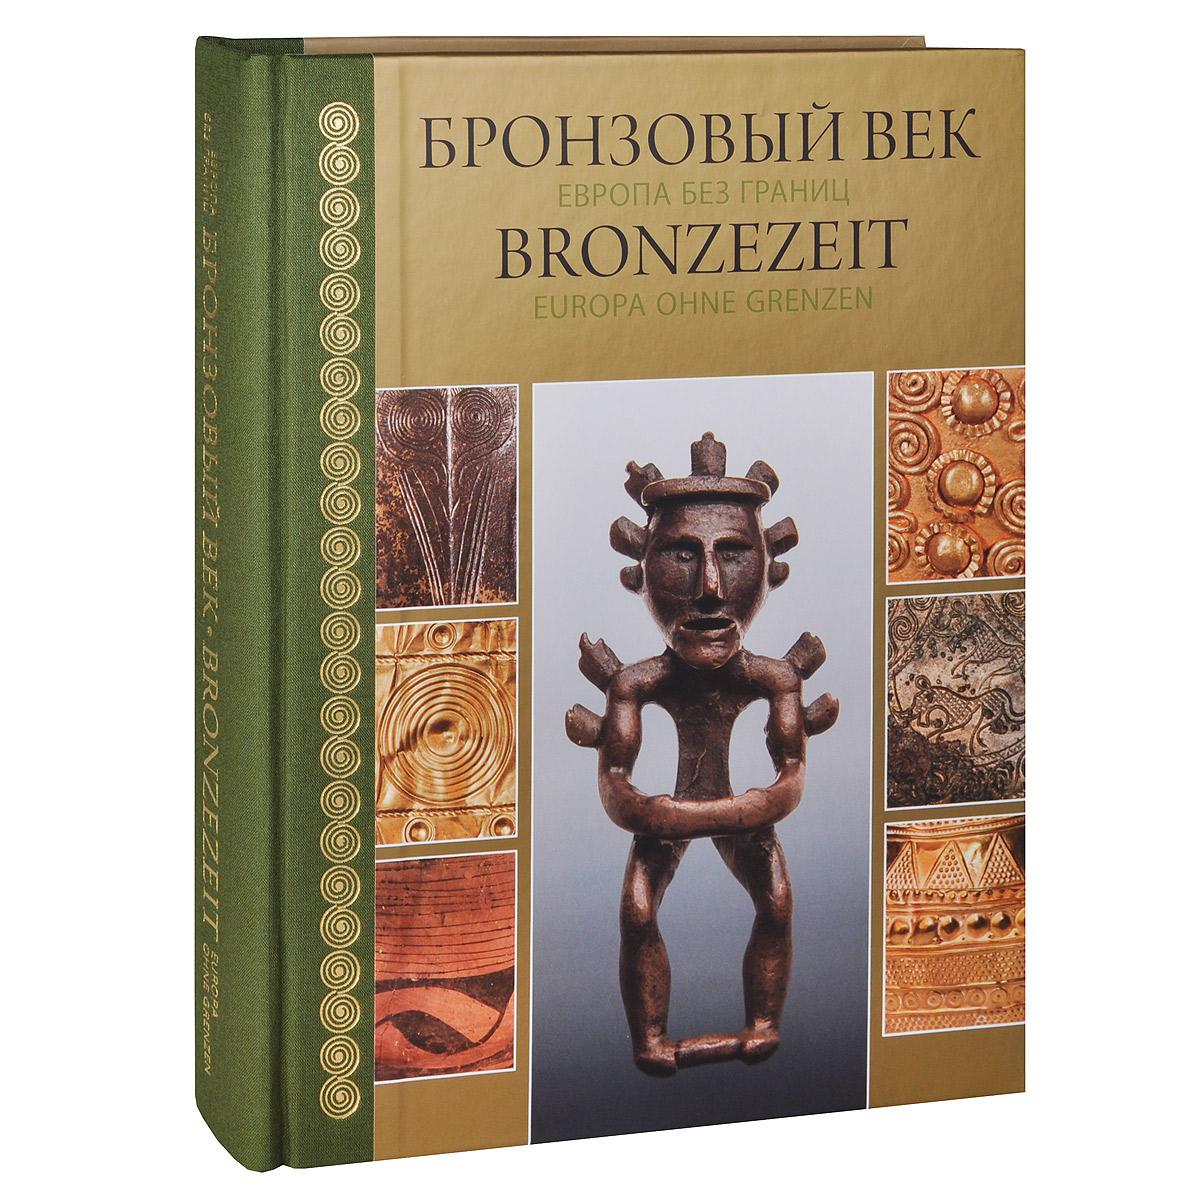 Бронзовый век. Европа без границ / Bronzezeit: Europa ohne Grenzen каталог lfc